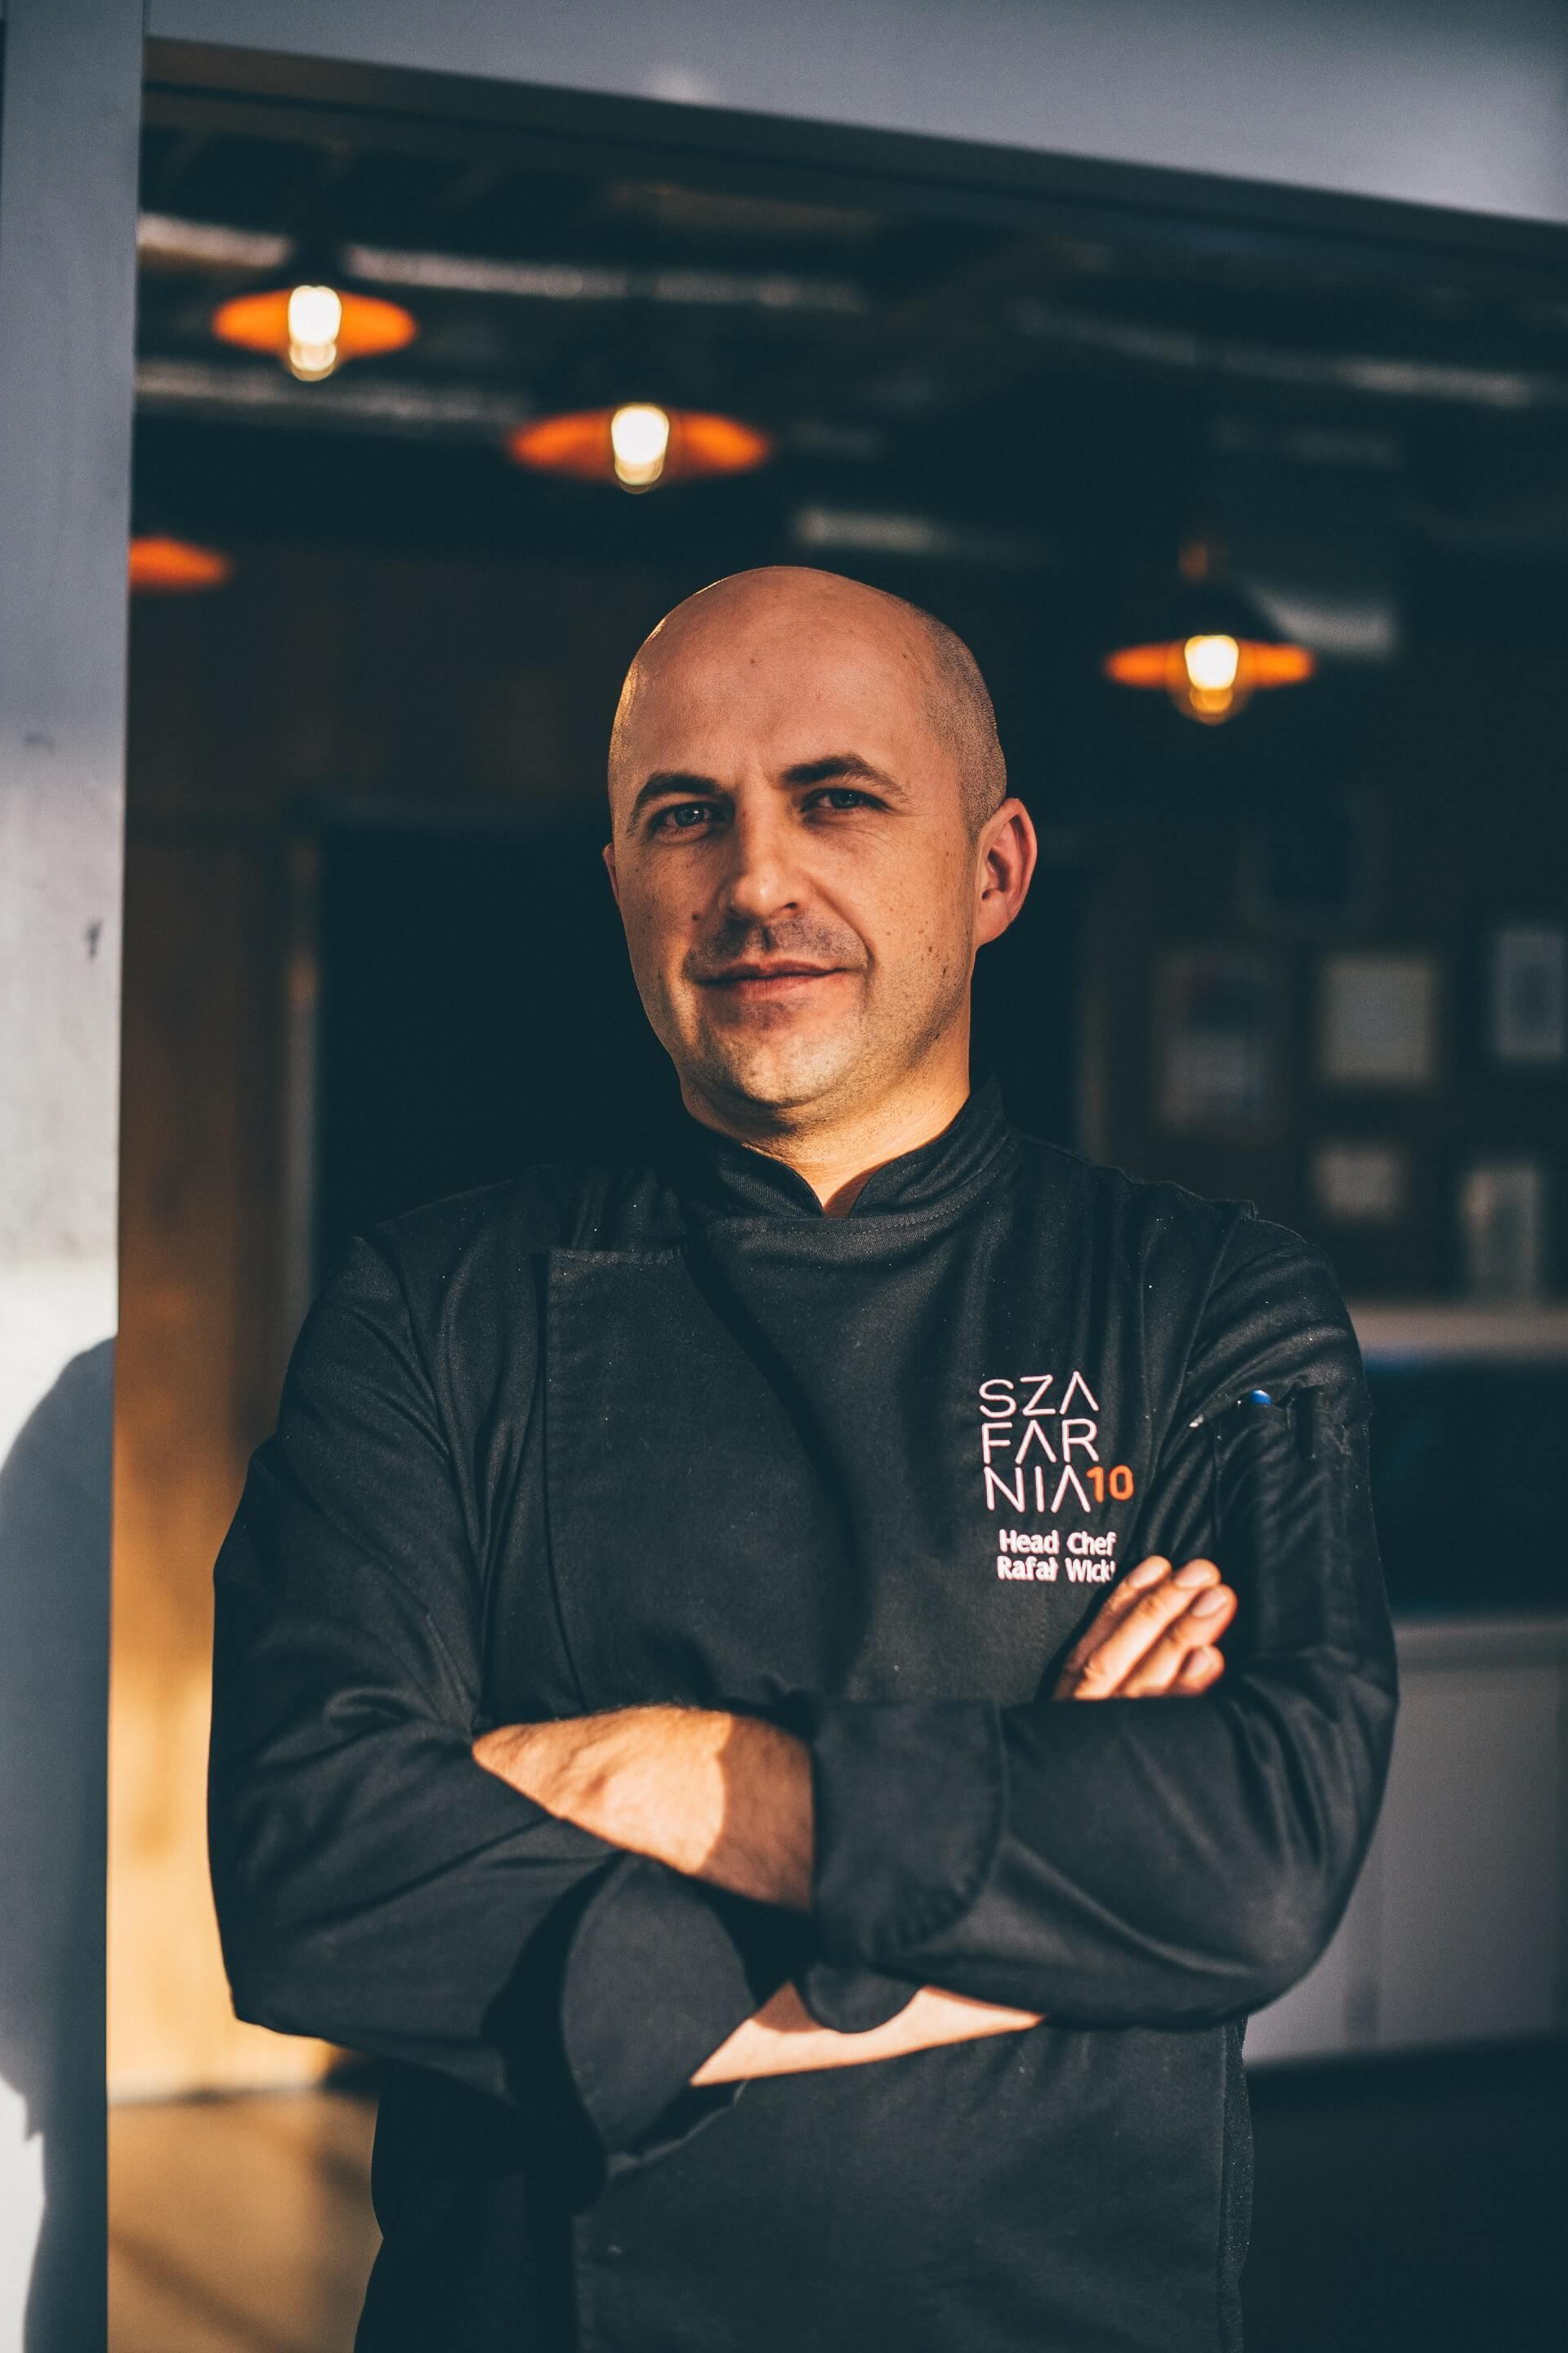 Chef of Szafarnia 10 restaurant in Gdańsk